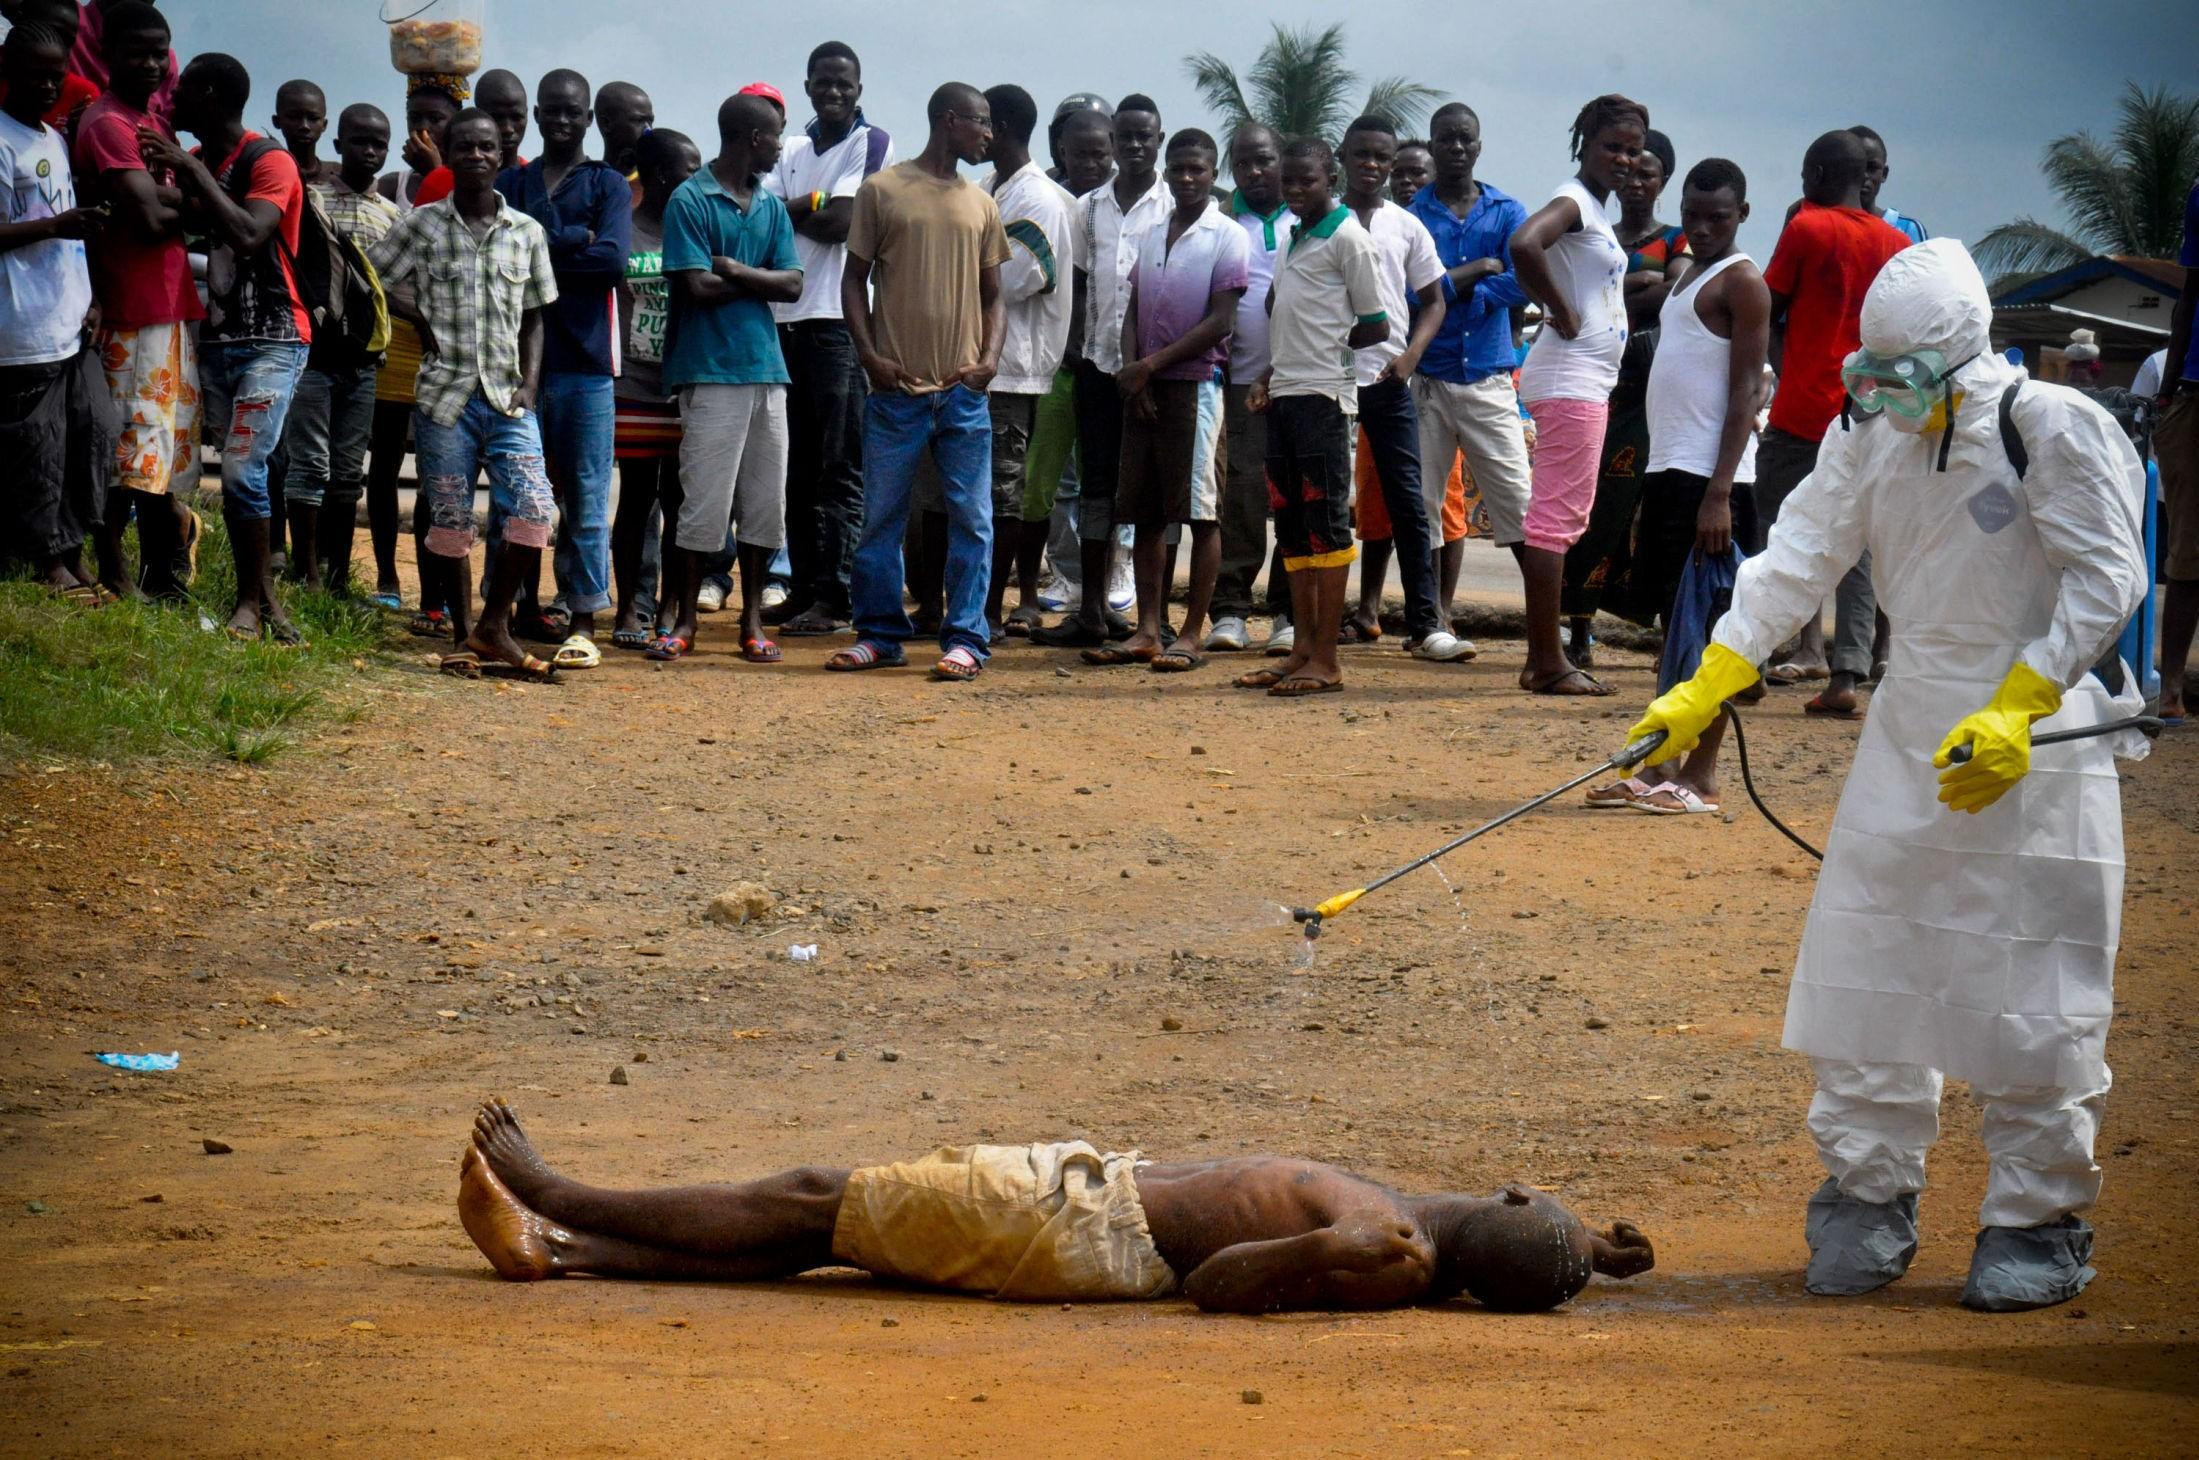 FALLER DØENDE OM PÅ VEIEN: En helsearbeider i verneutstyr sprayer desinfiserende middel over en mann de frykter dør av ebolaviruset. Bildet er tatt 4. september 2014. Verdens helseorganisajon har nå erkært ebolautbruddet som ute av kontroll, og er ute av stand til å behandle alle som blir syke.